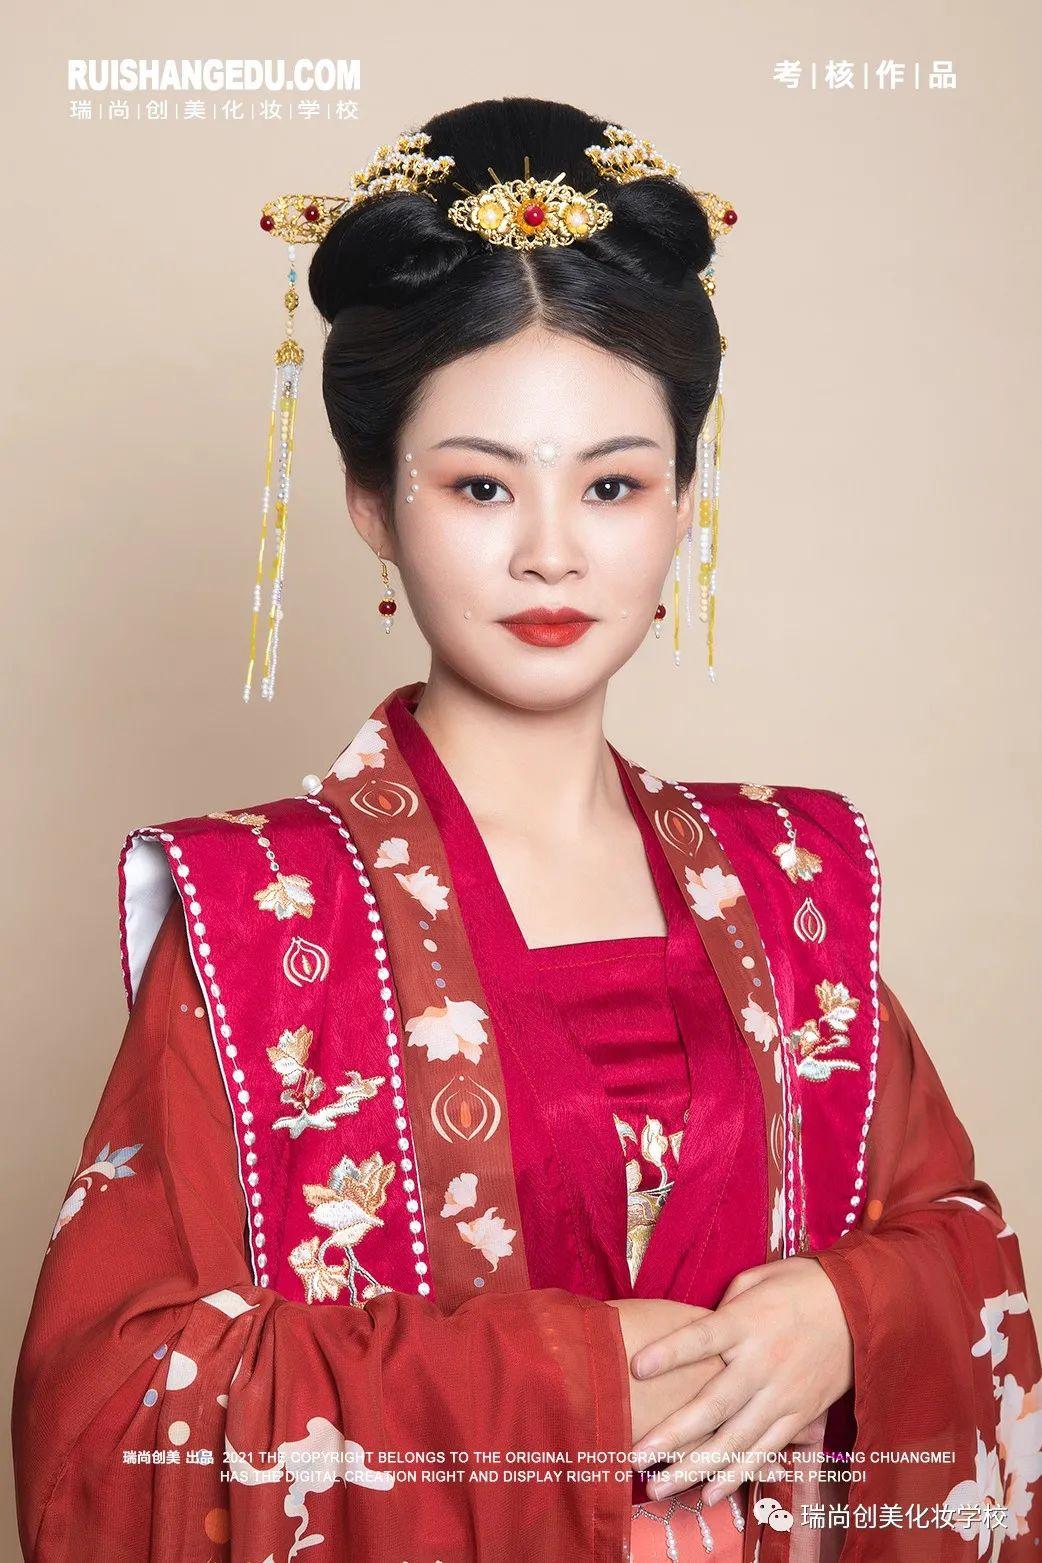 【瑞尚创美化妆学校】红妆描抹·雅韵东方